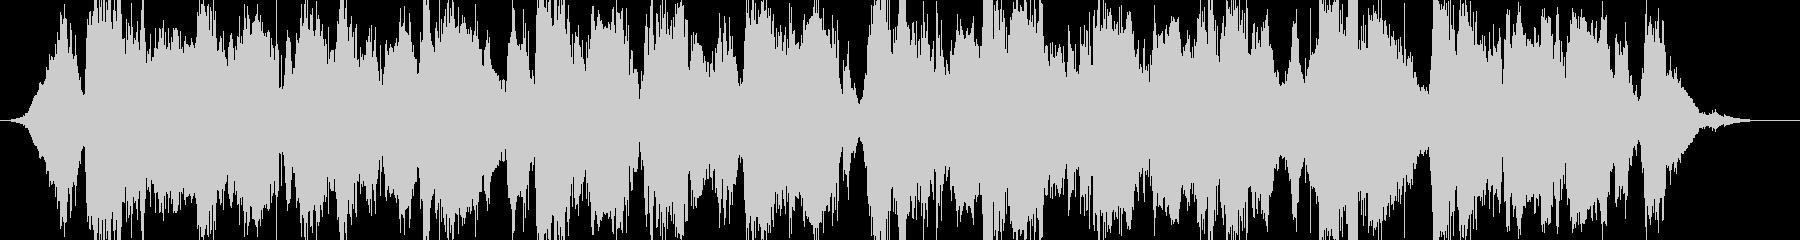 ホラーサスペンスのようなBGMの未再生の波形